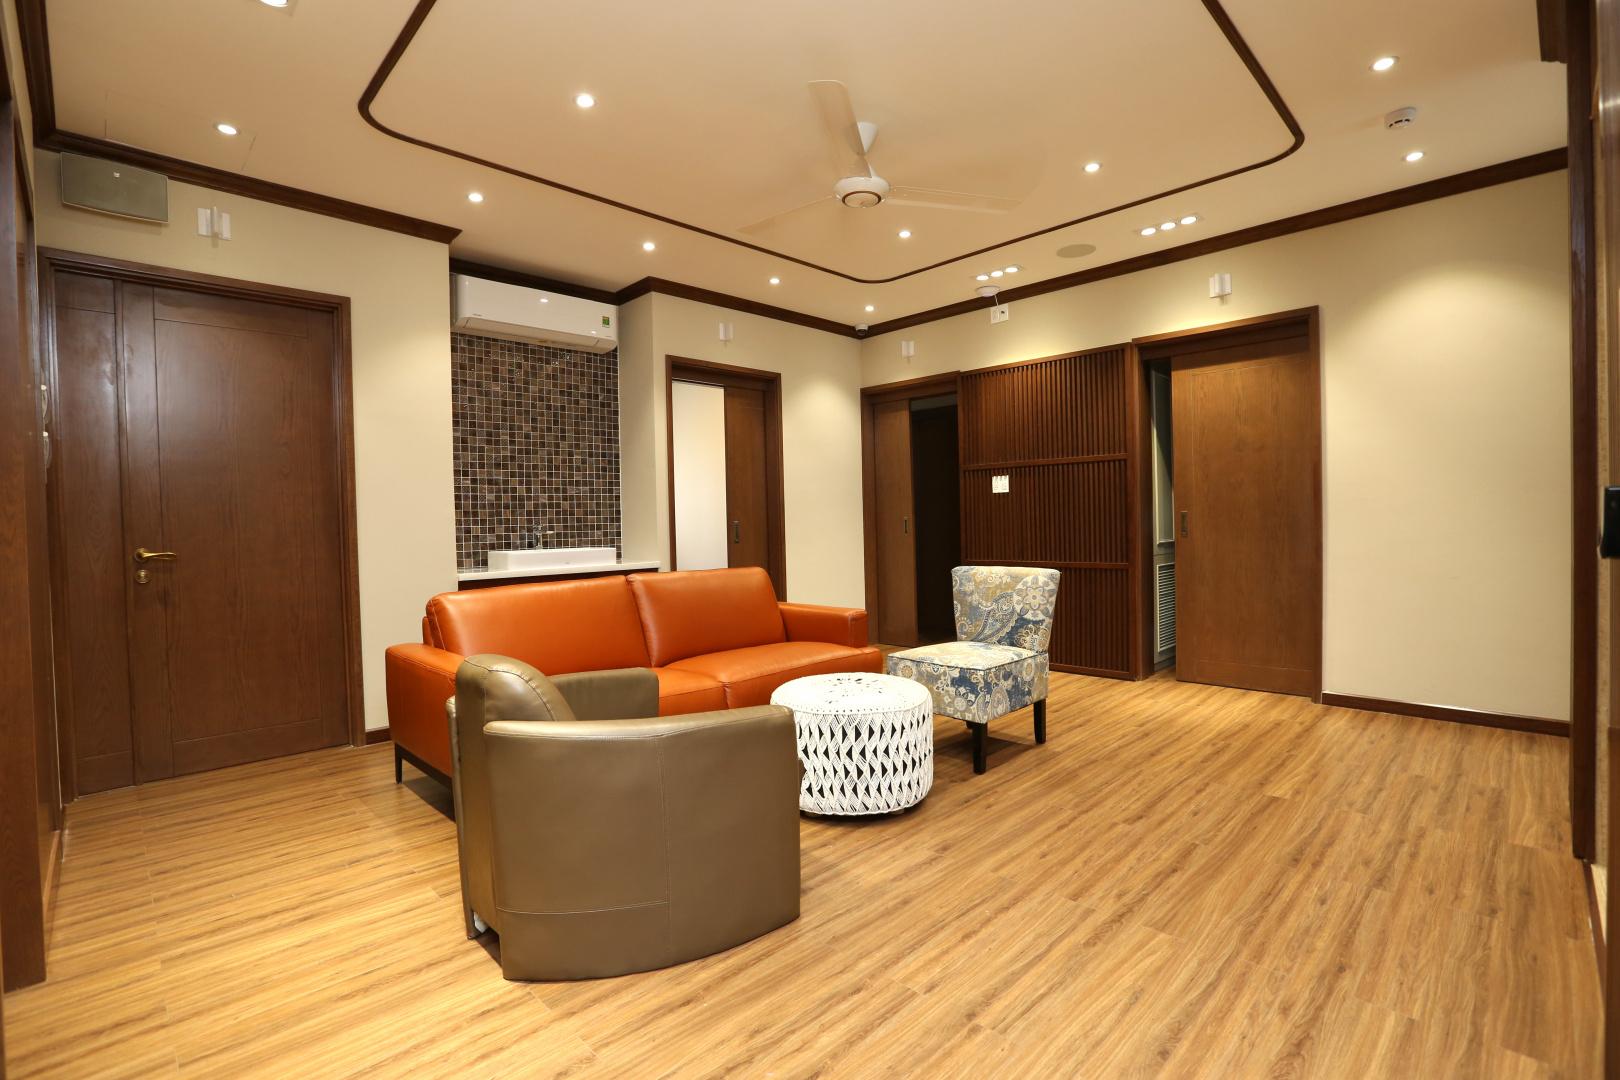 Phòng SHC tầng 2